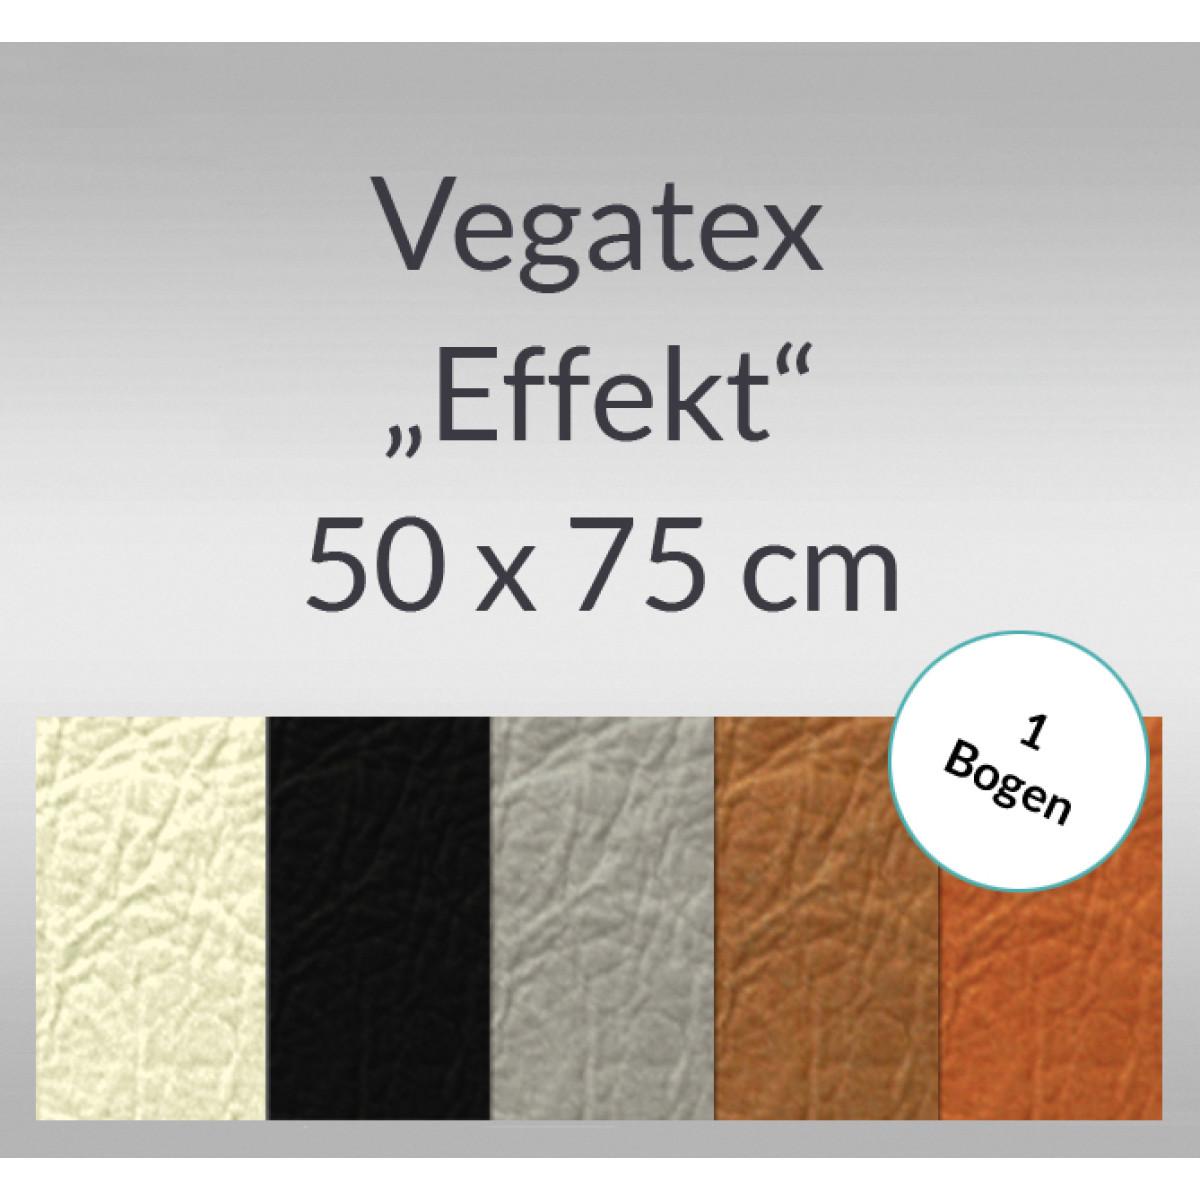 vegatex effekt 50 x 75 cm 1 bogen buntpapierwelt. Black Bedroom Furniture Sets. Home Design Ideas